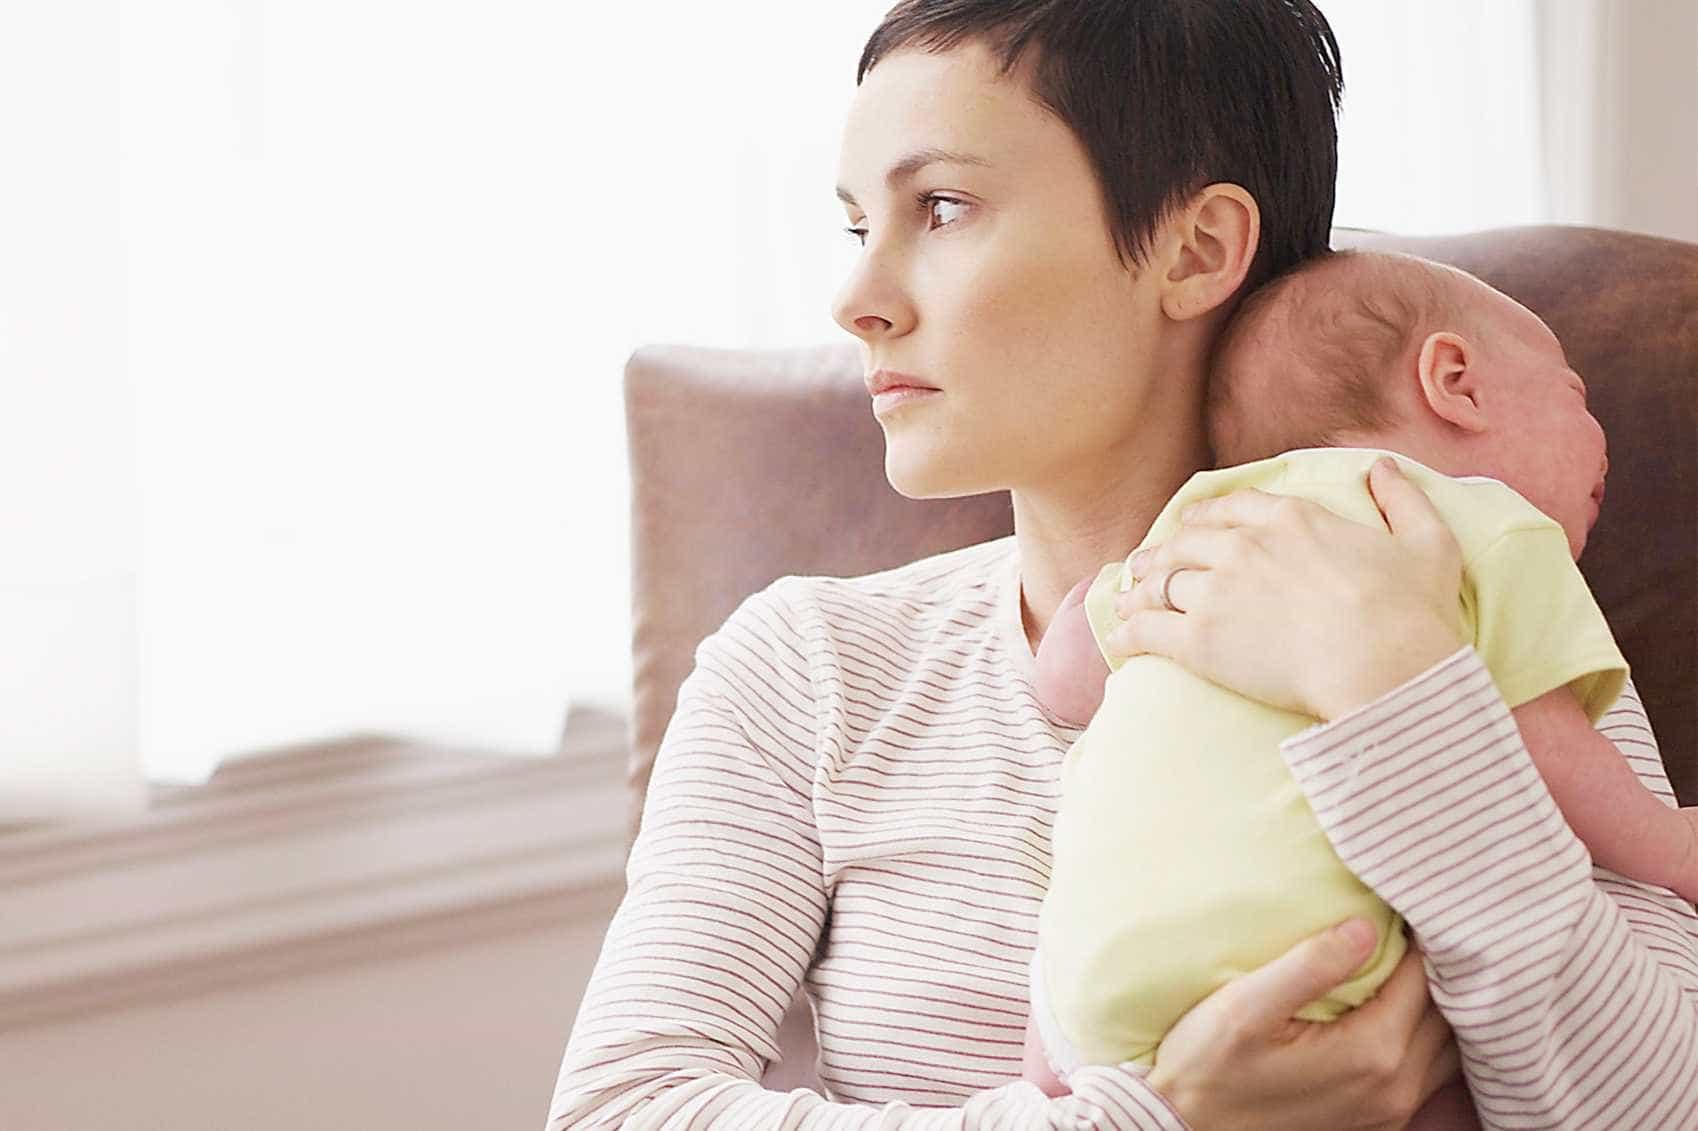 Tratamentos estéticos auxiliam na recuperação pós-parto